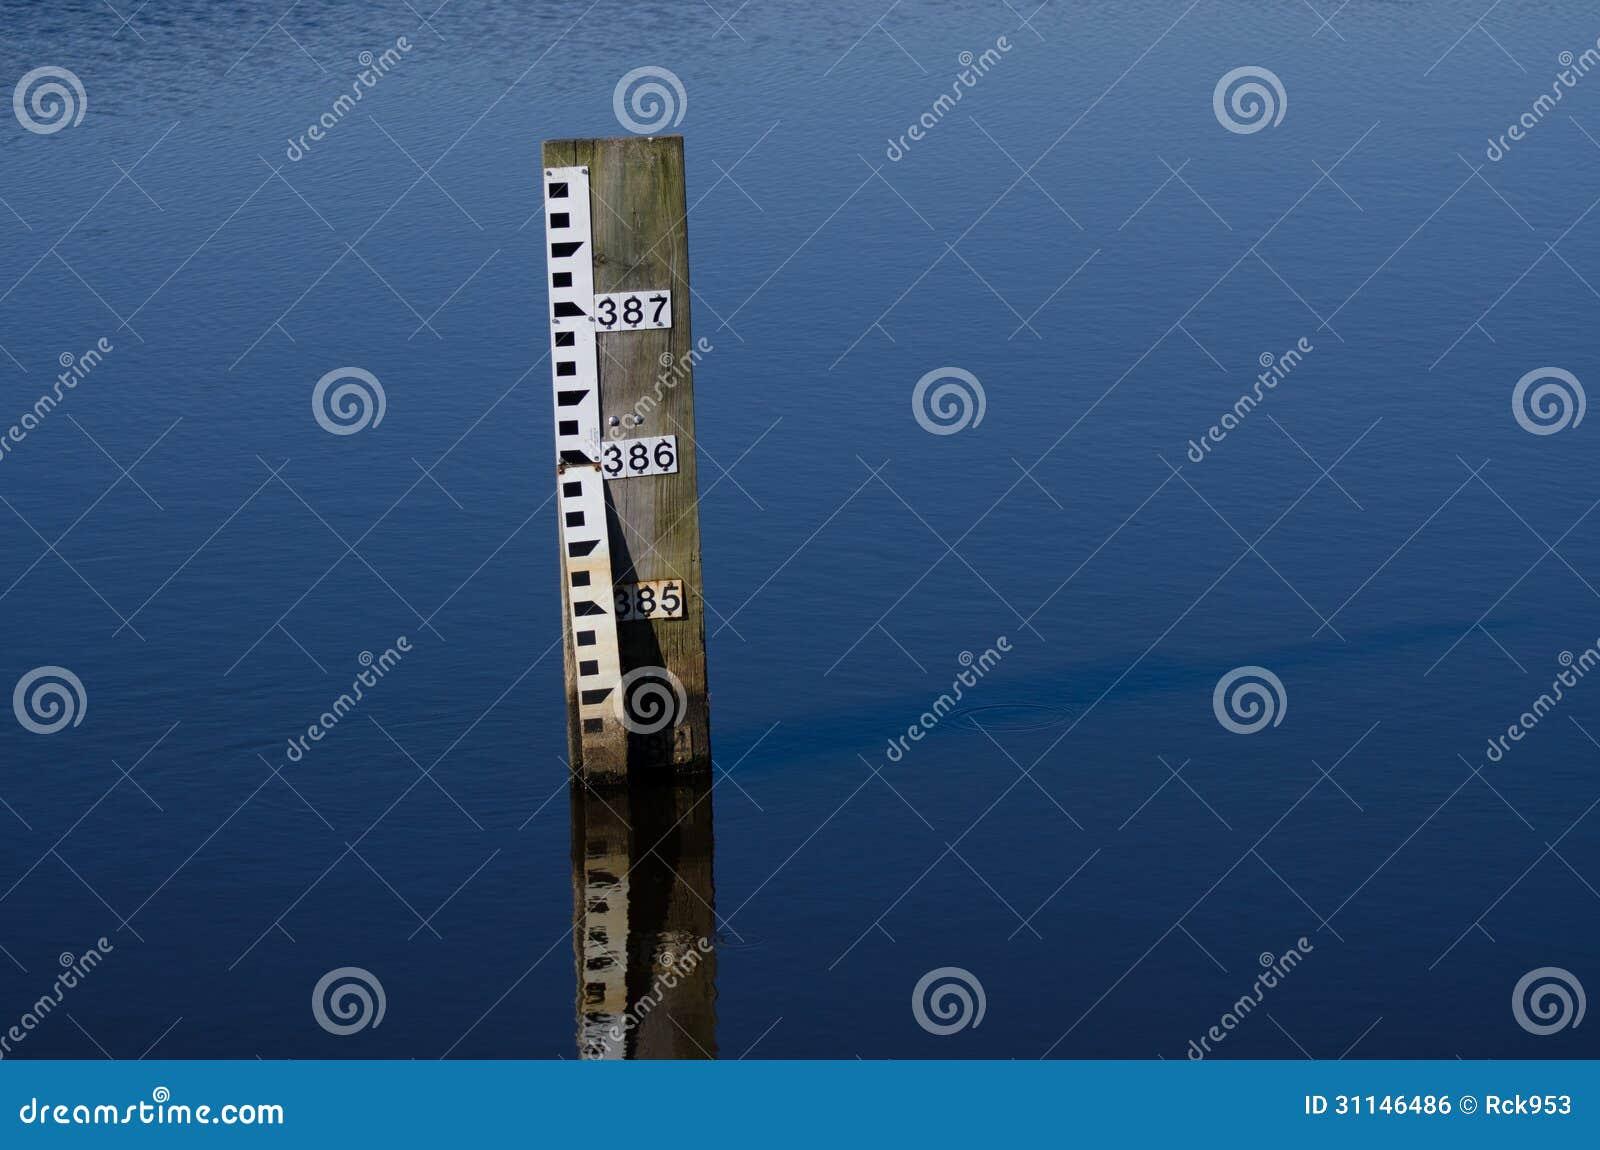 Water Depth Gauge Royalty Free Stock Image